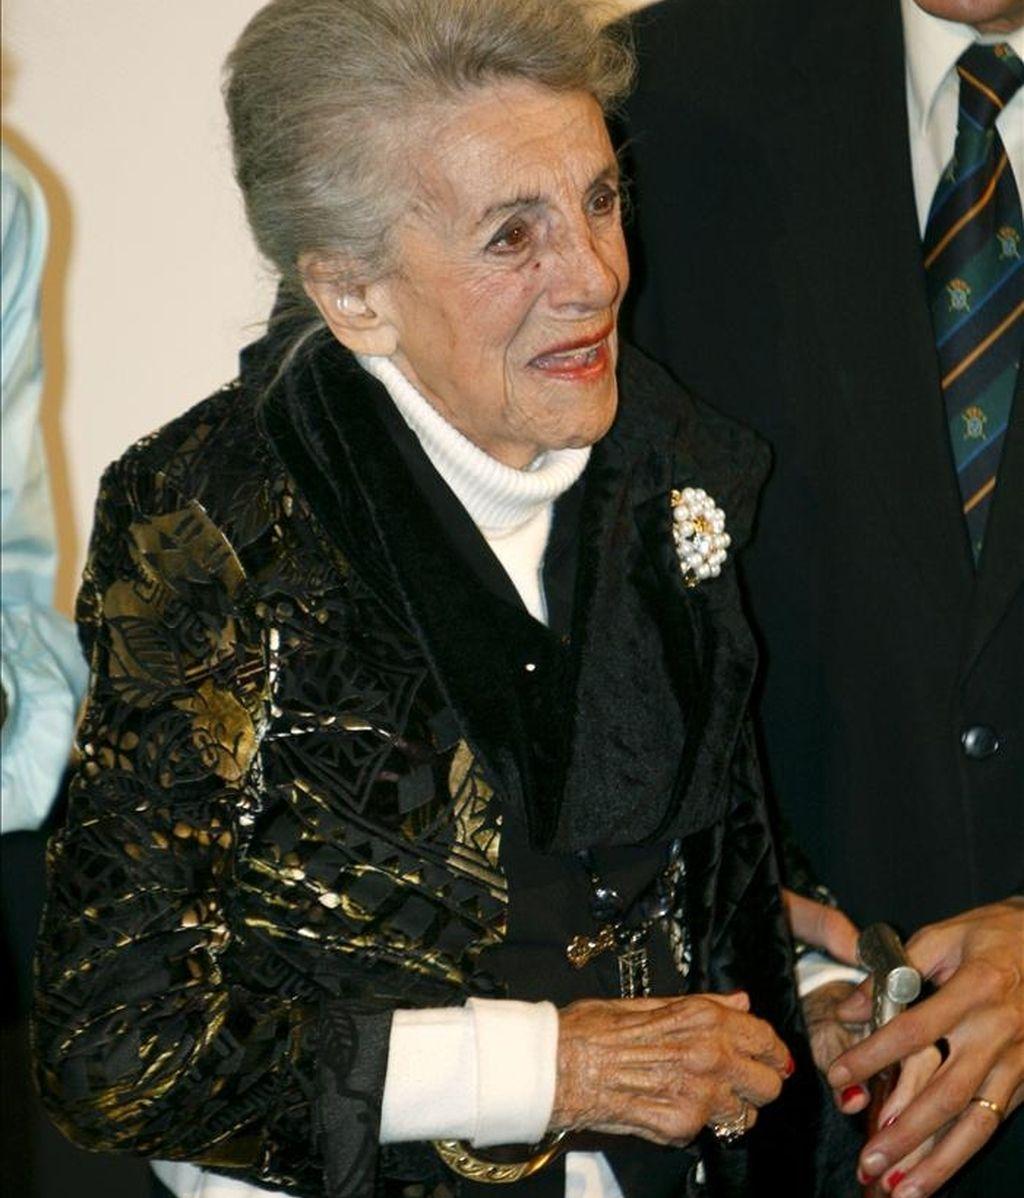 La actriz María Isbert, nombrada miembro de honor de la Academia de Cine. EFE/Archivo